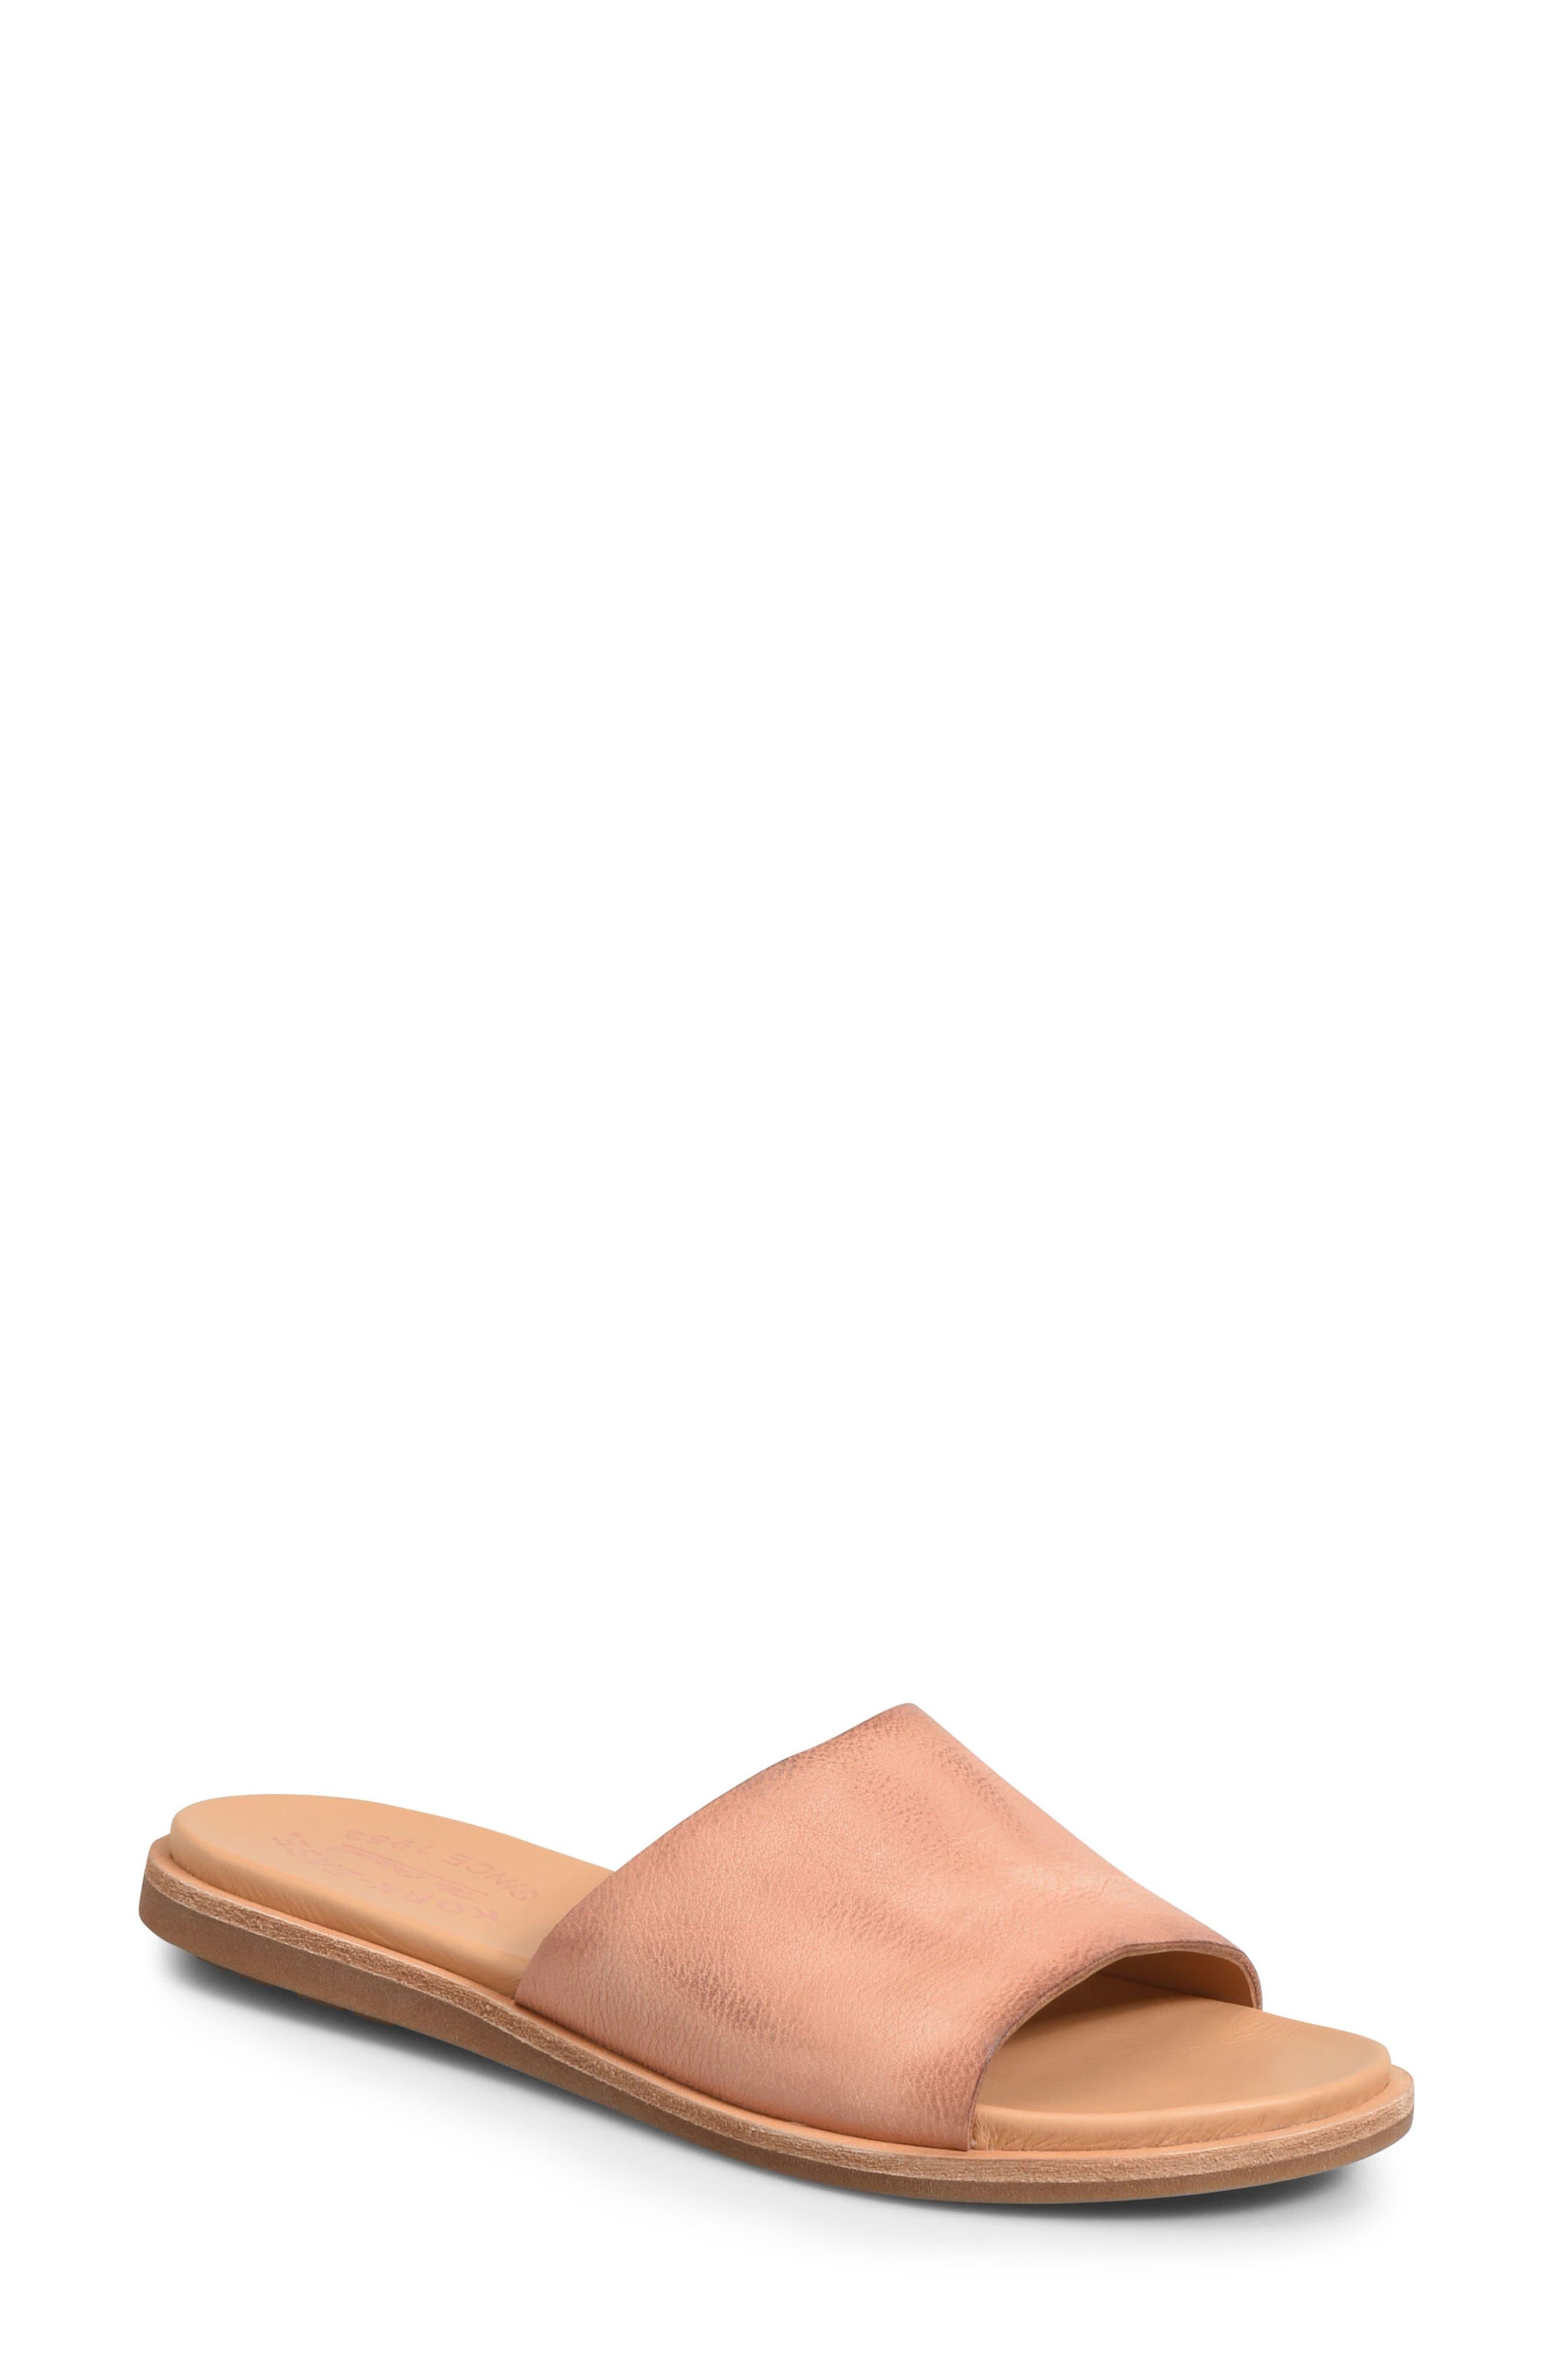 Gila Slide Sandal,                             Main thumbnail 1, color,                             Blush Leather